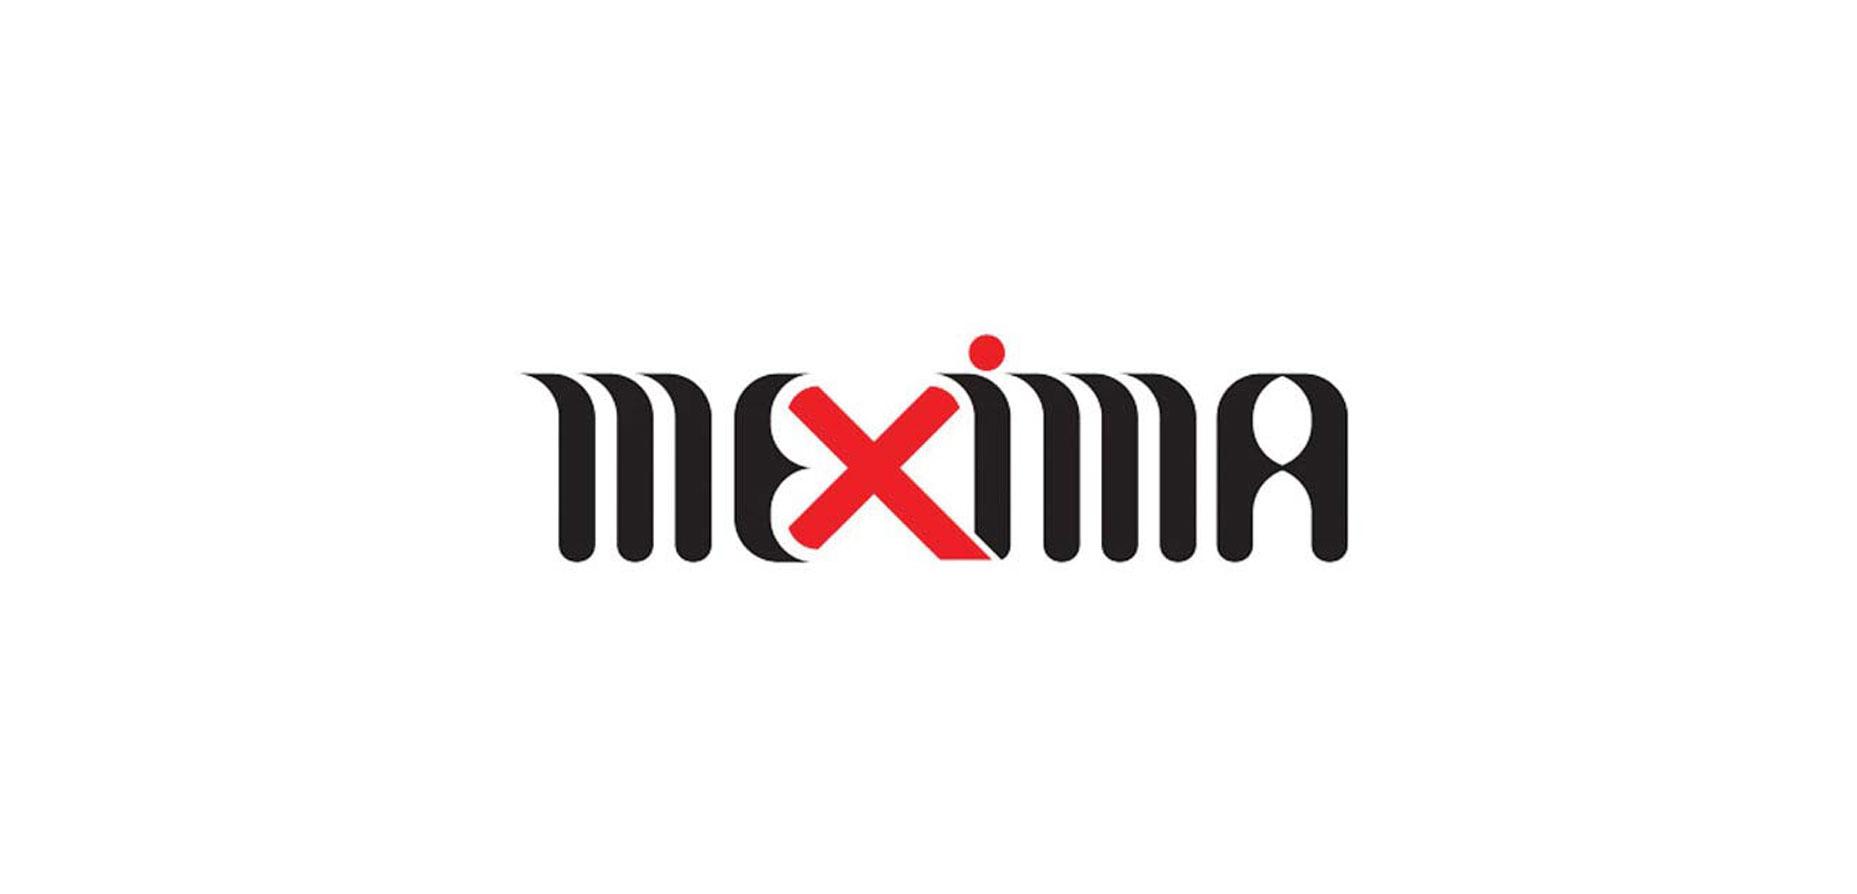 خدمات > طراحی گرافیک > طراحی لوگو و آرم | طراحی غرفه نمایشگاهیطراحی لوگو ماکسیما